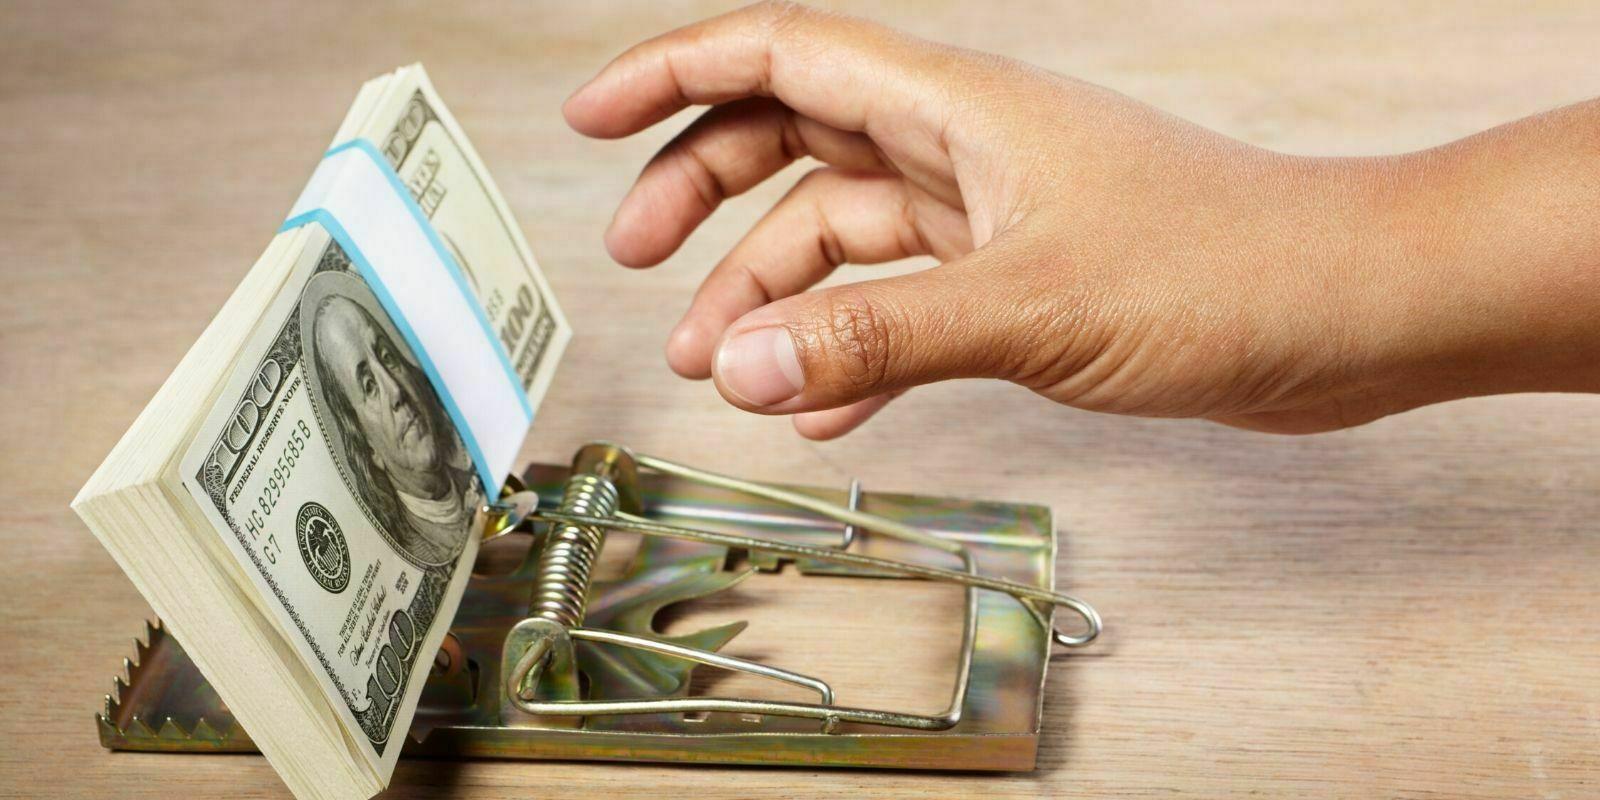 Pourquoi le dollar numérique est-il un cadeau empoisonné ?